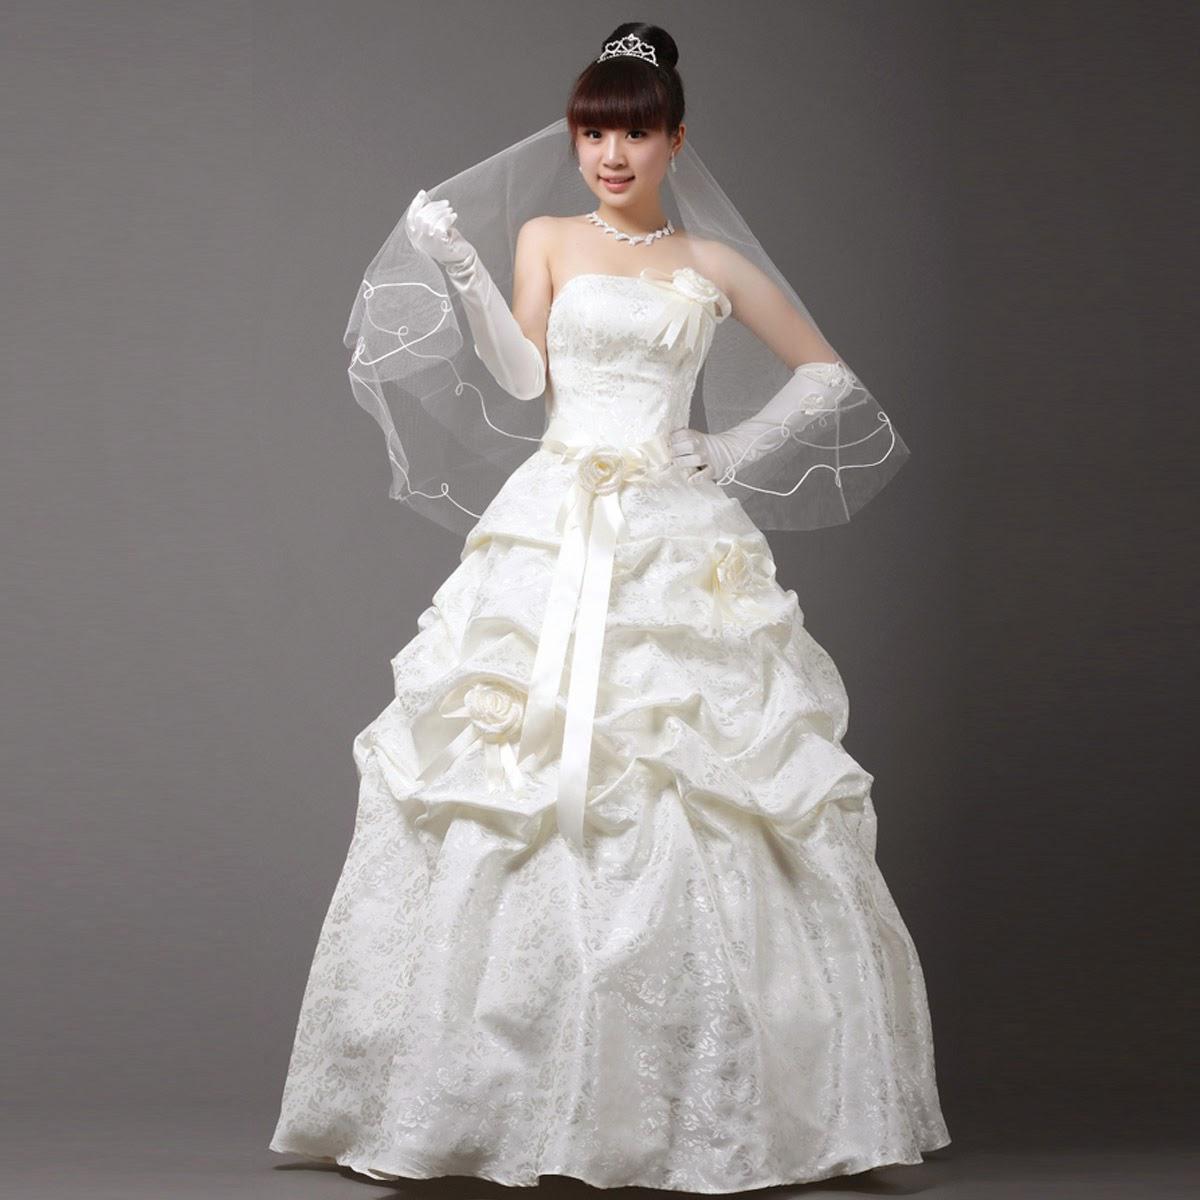 Sebagai referensi untuk memilih desain yang cocok untuk pernikahan dan